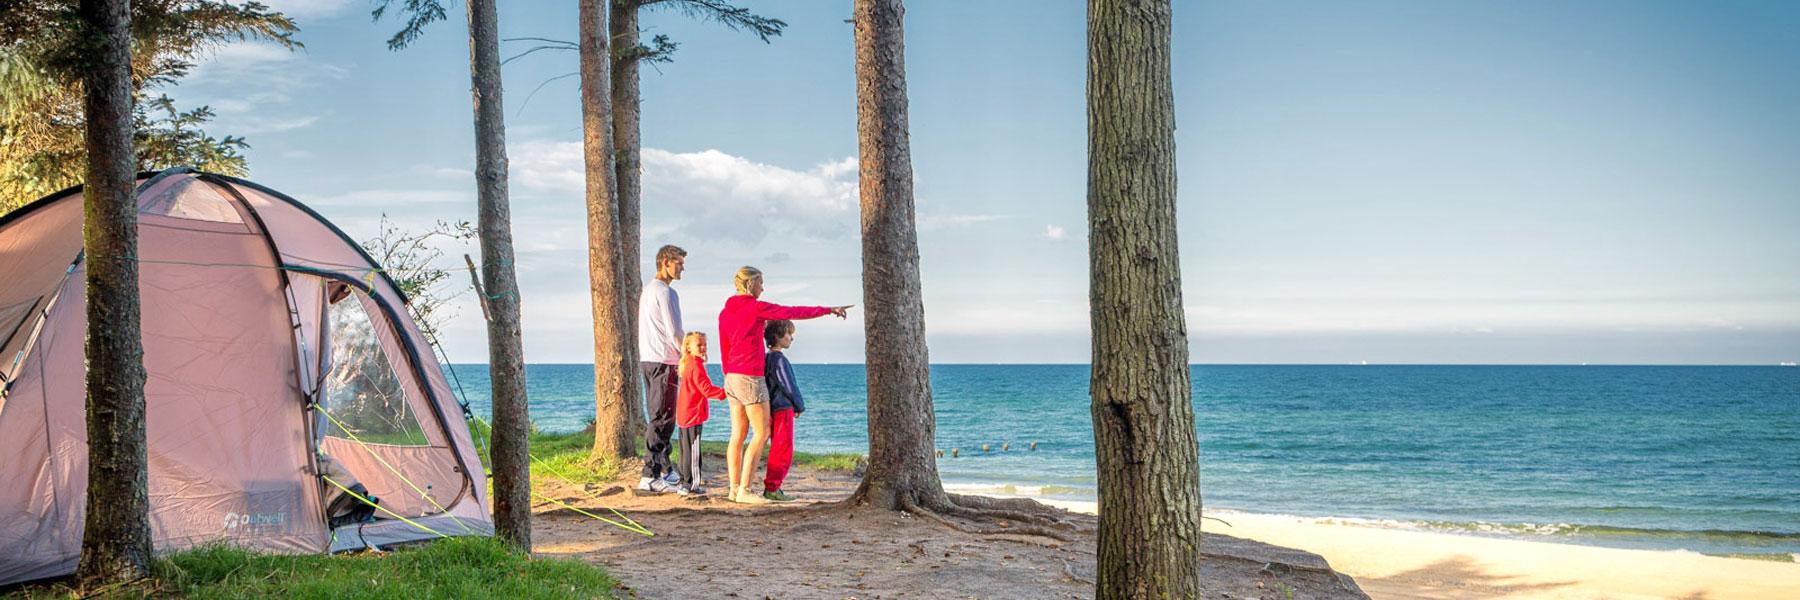 Zelten an der Ostsee - Ostseecamp-Ferienpark